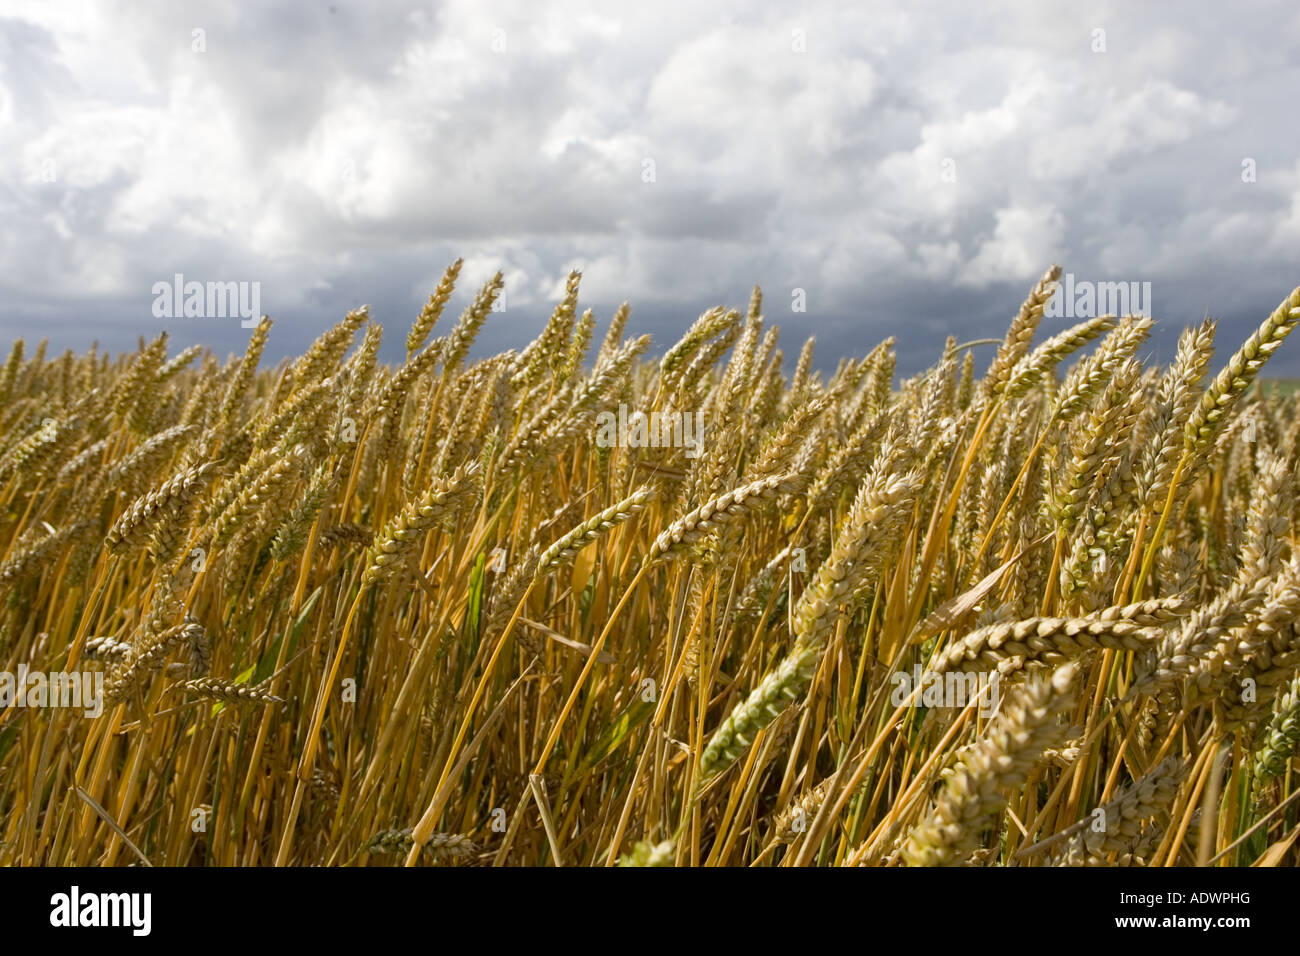 Champ de blé dans la région de Marlborough Downs Wiltshire, Angleterre, Royaume-Uni Photo Stock